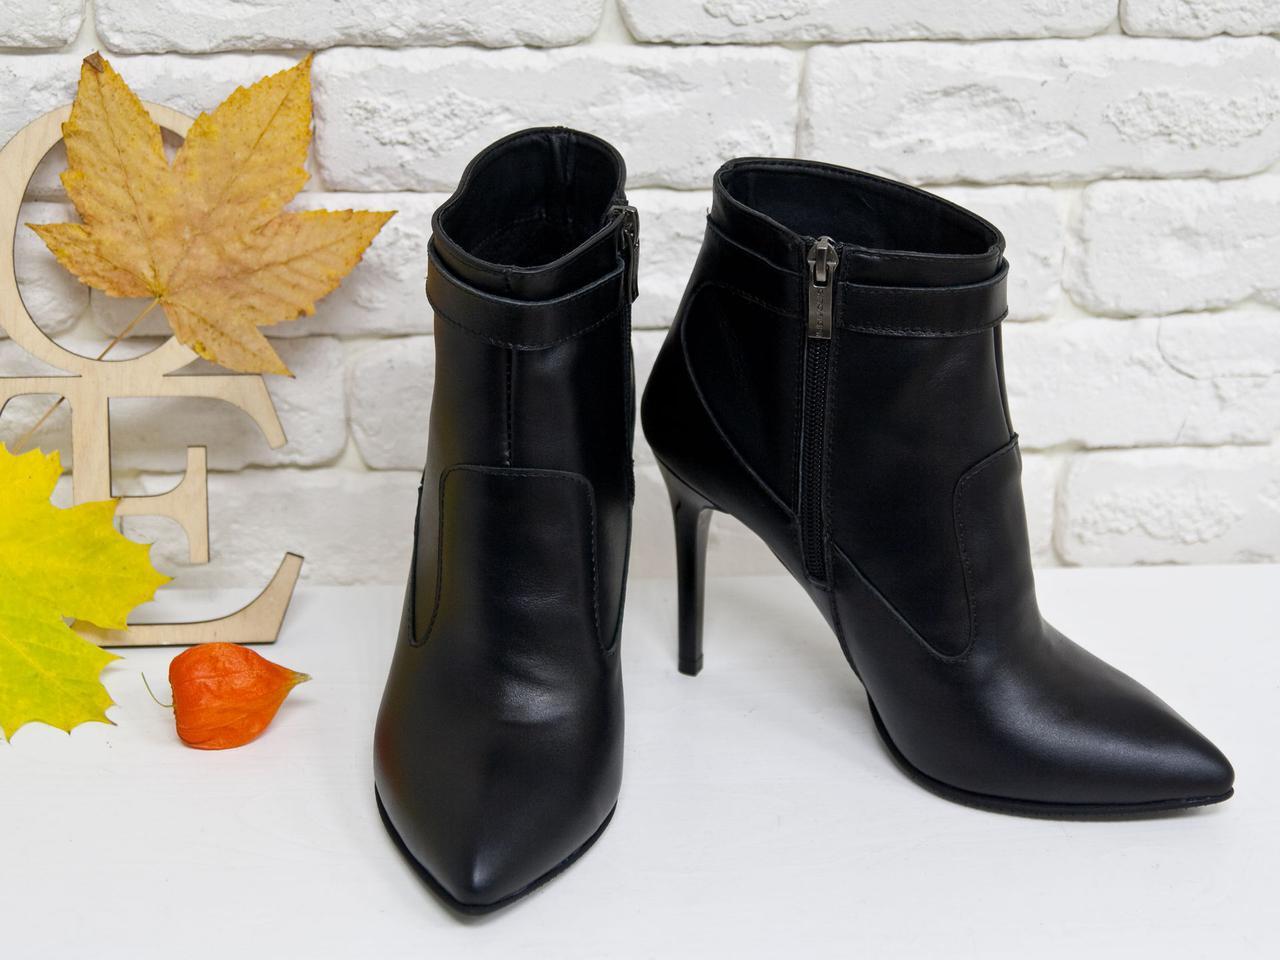 Женские классические кожаные ботинки на шпильке. Размер 36-40